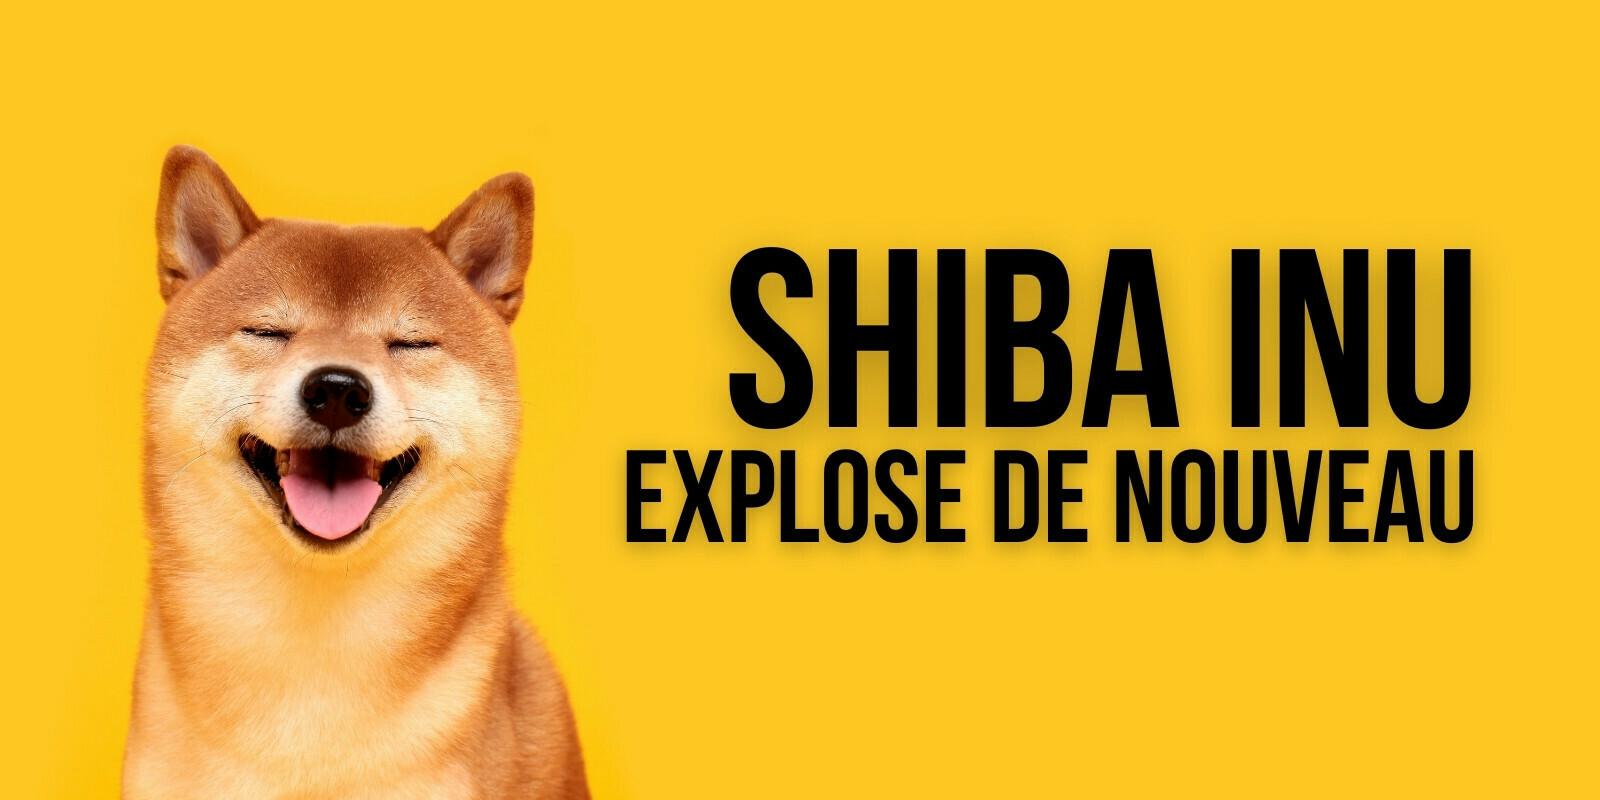 Le cours du Shiba Inu (SHIB) explose de nouveau : +214% sur la semaine